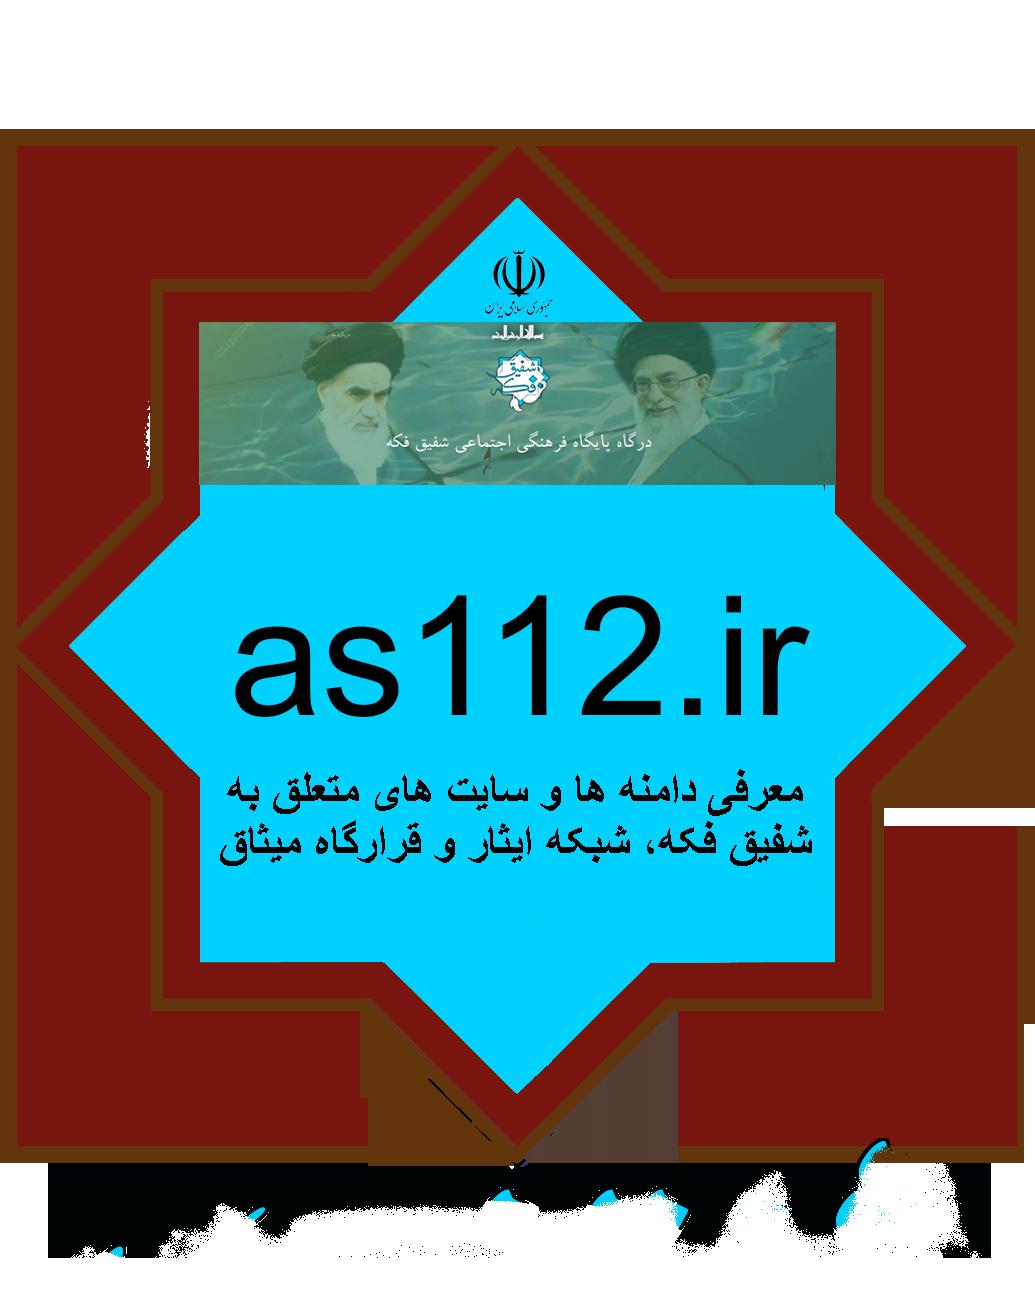 لوگو as112